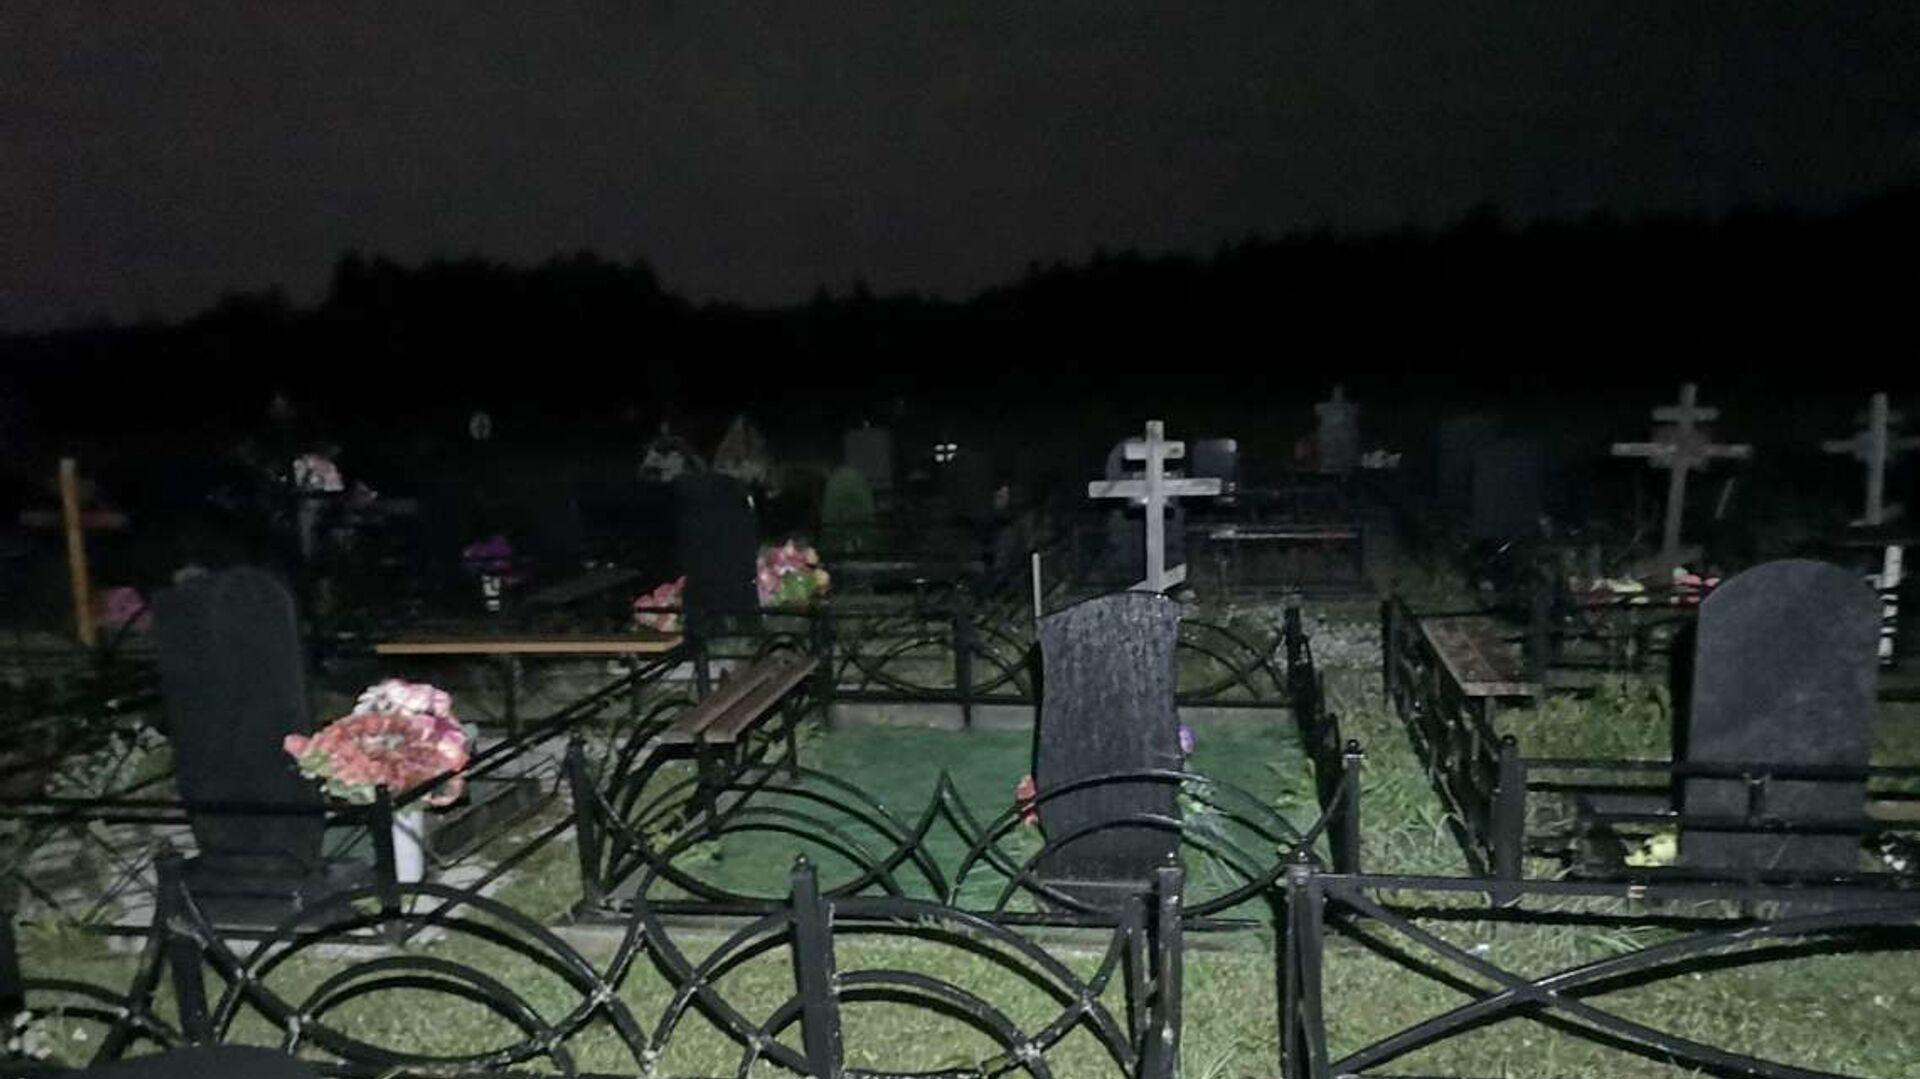 Кладбище ночью - Sputnik Беларусь, 1920, 11.10.2021